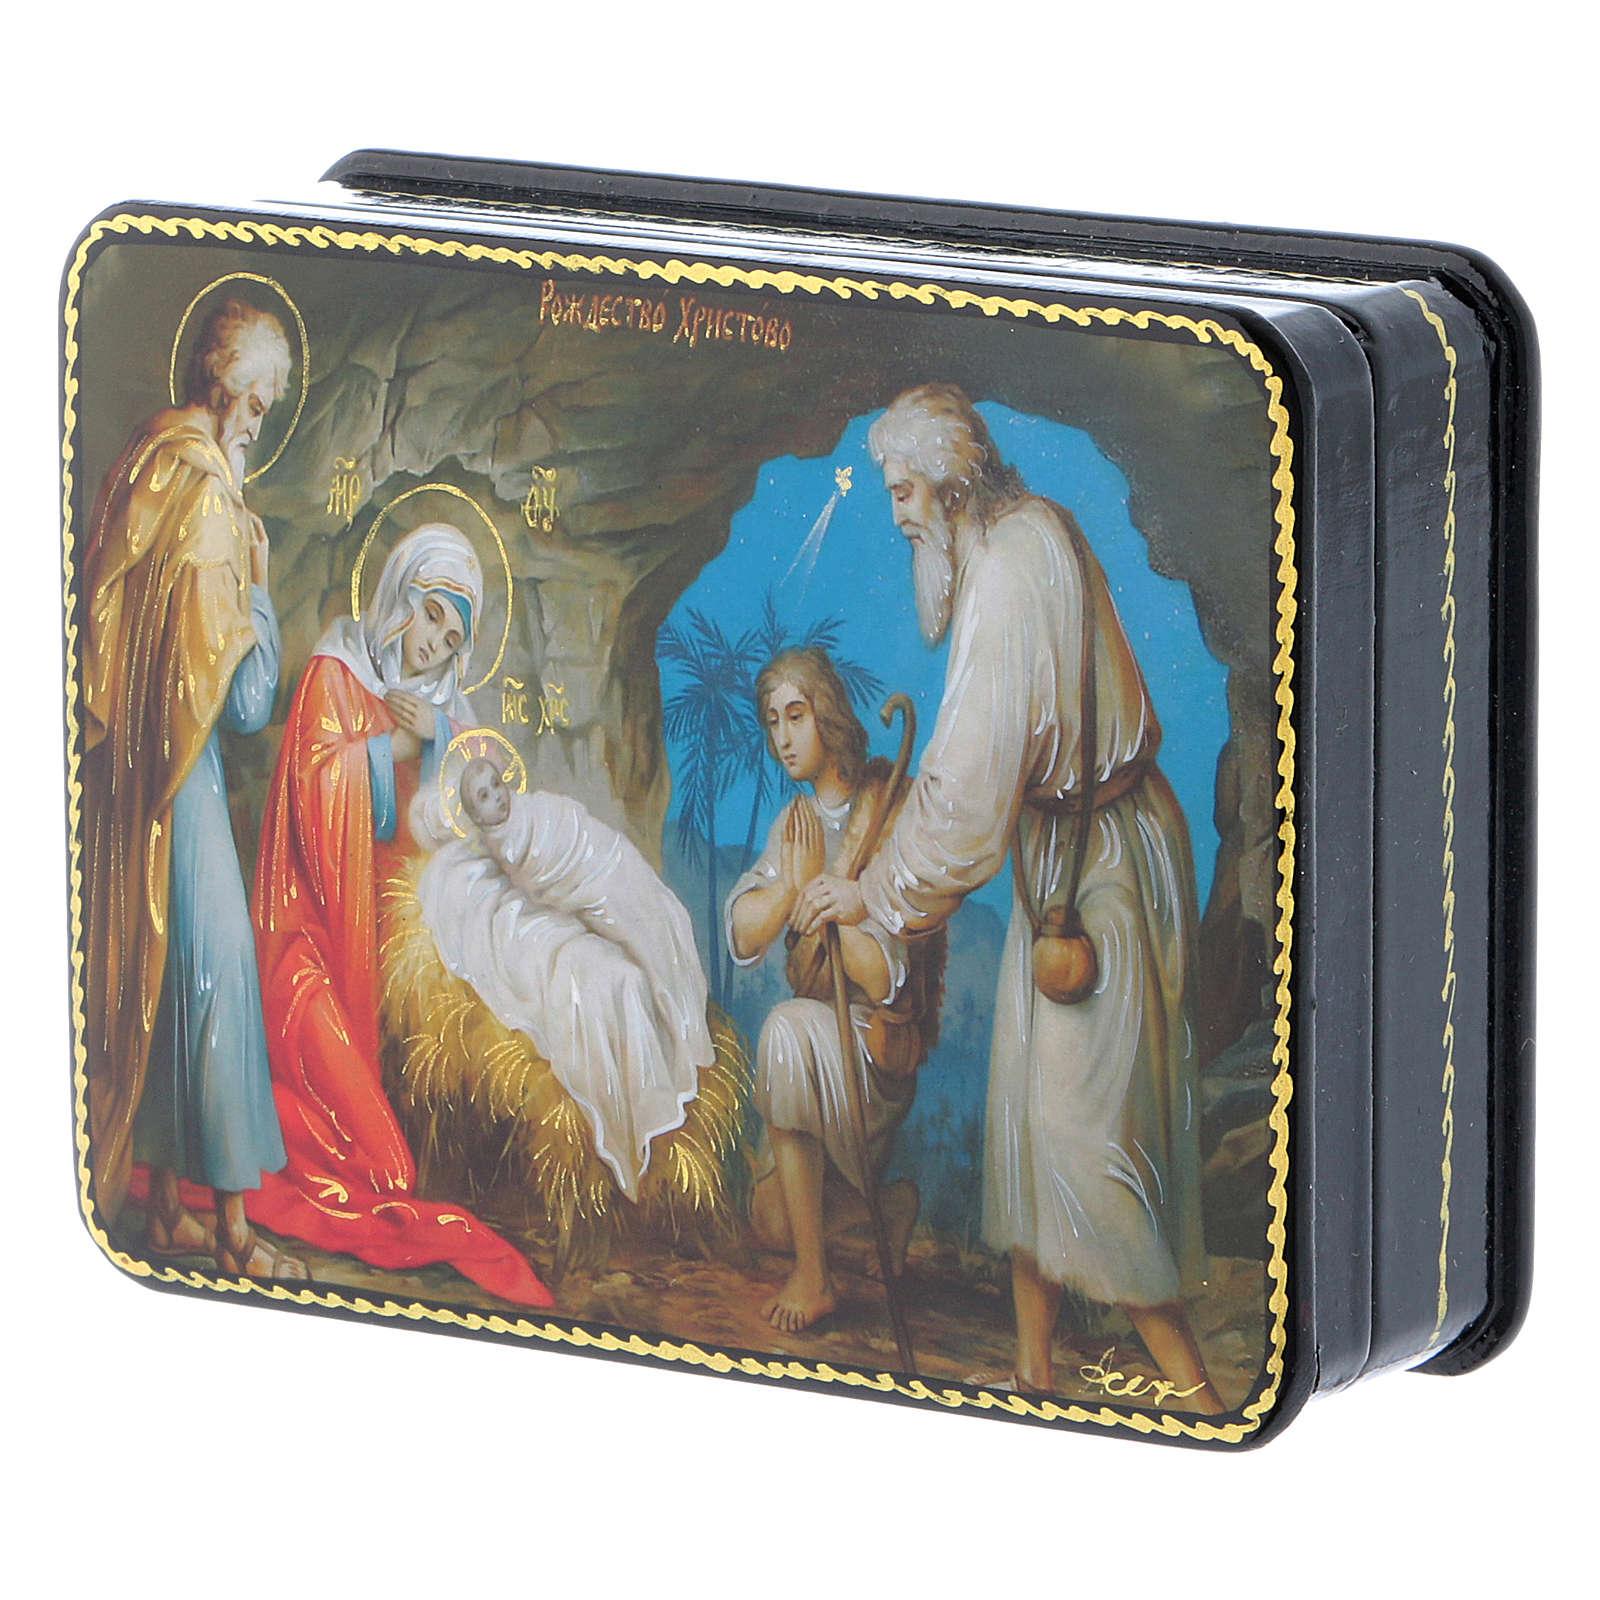 Lacca russa cartapesta Nascita Cristo Maestro Ignoto Fedoskino style 11x8 4